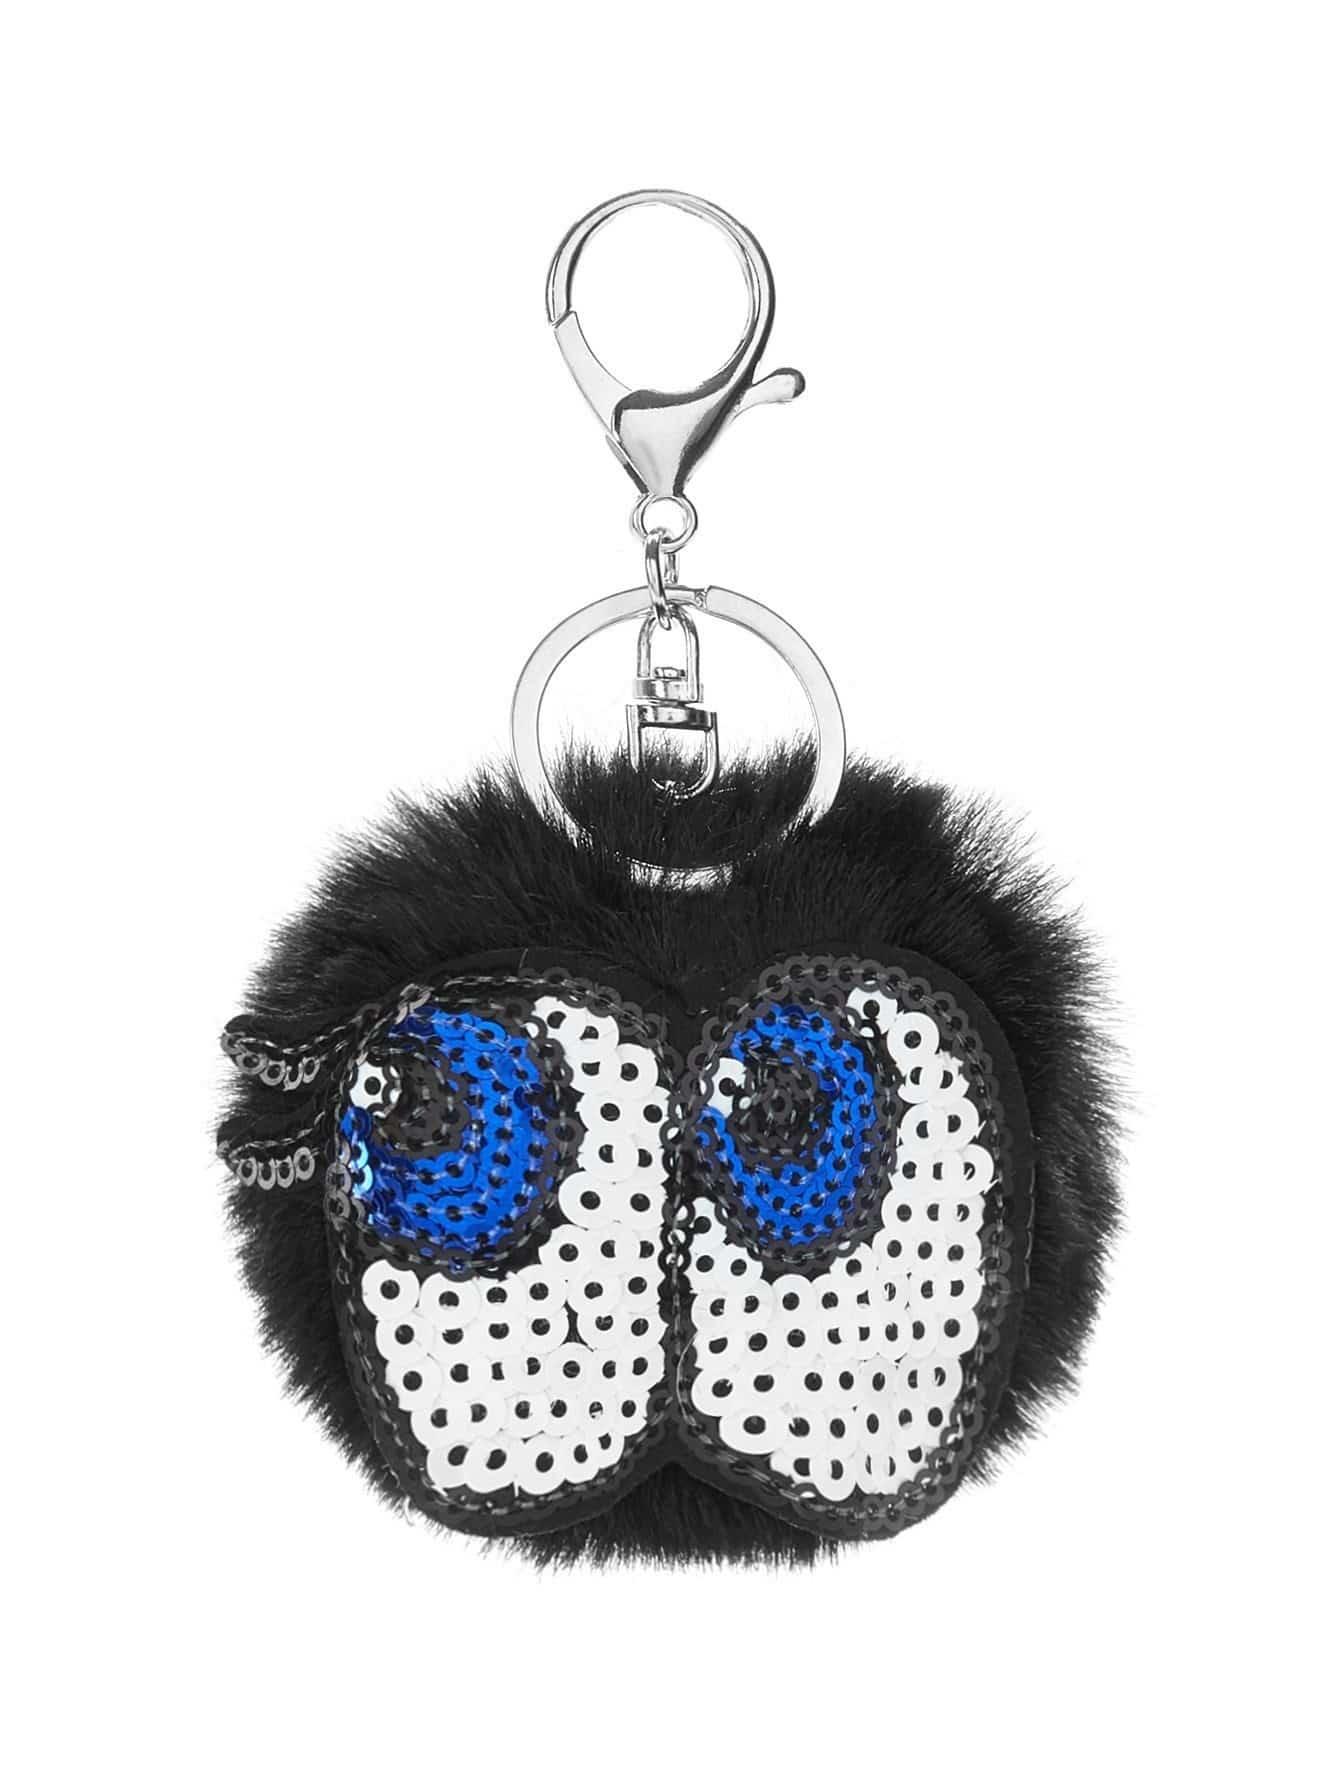 Sequin Eye Design Pom Pom Keychain cat detail pom pom keychain